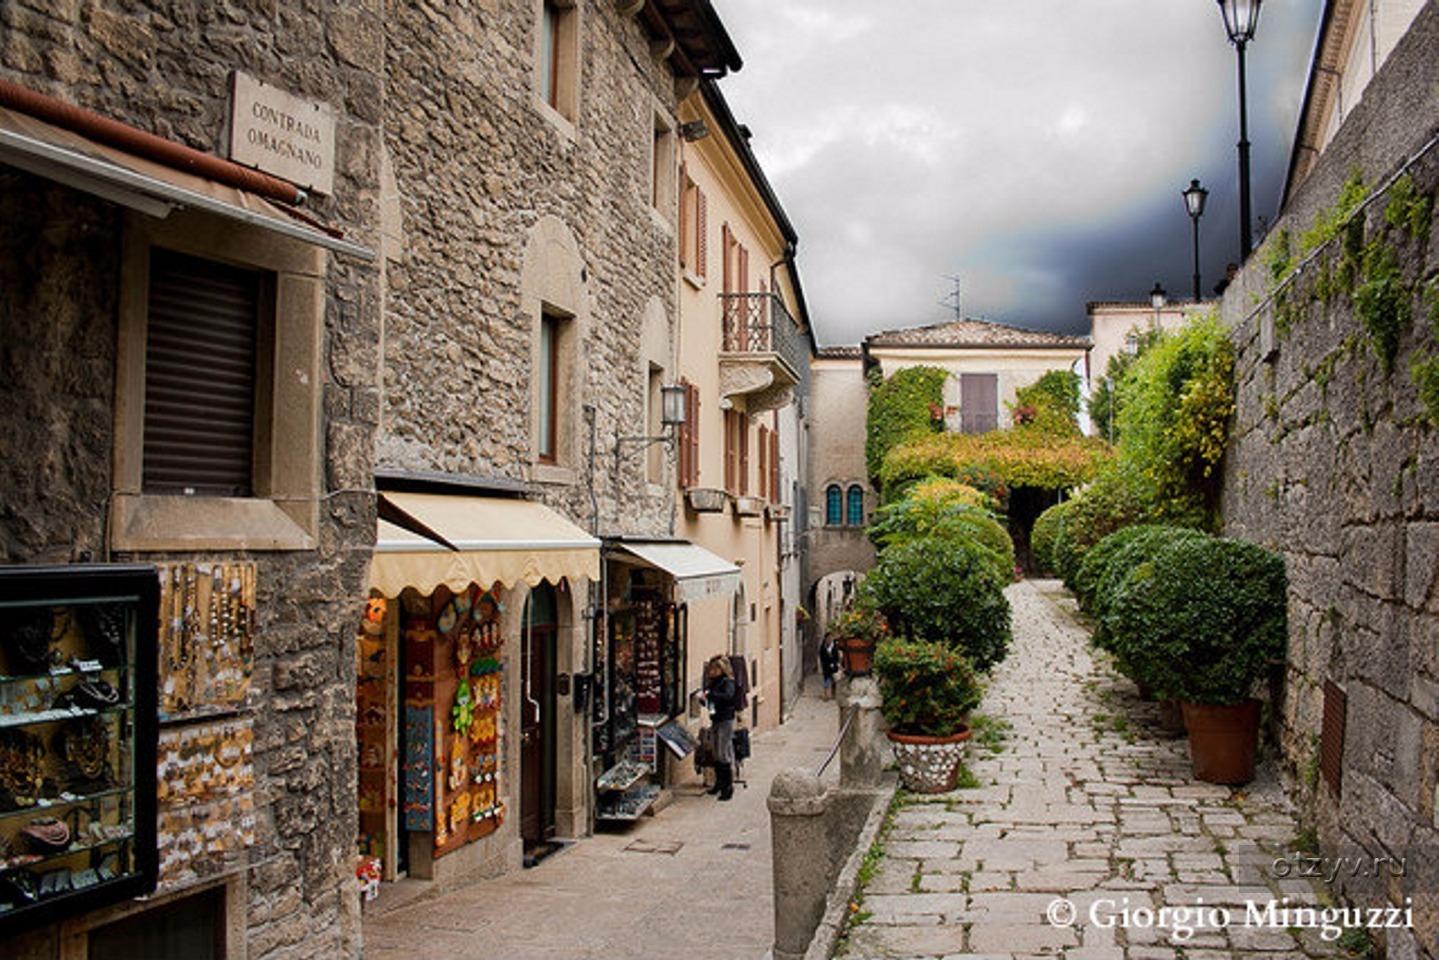 такое фото итальянских улиц большого разрешения только